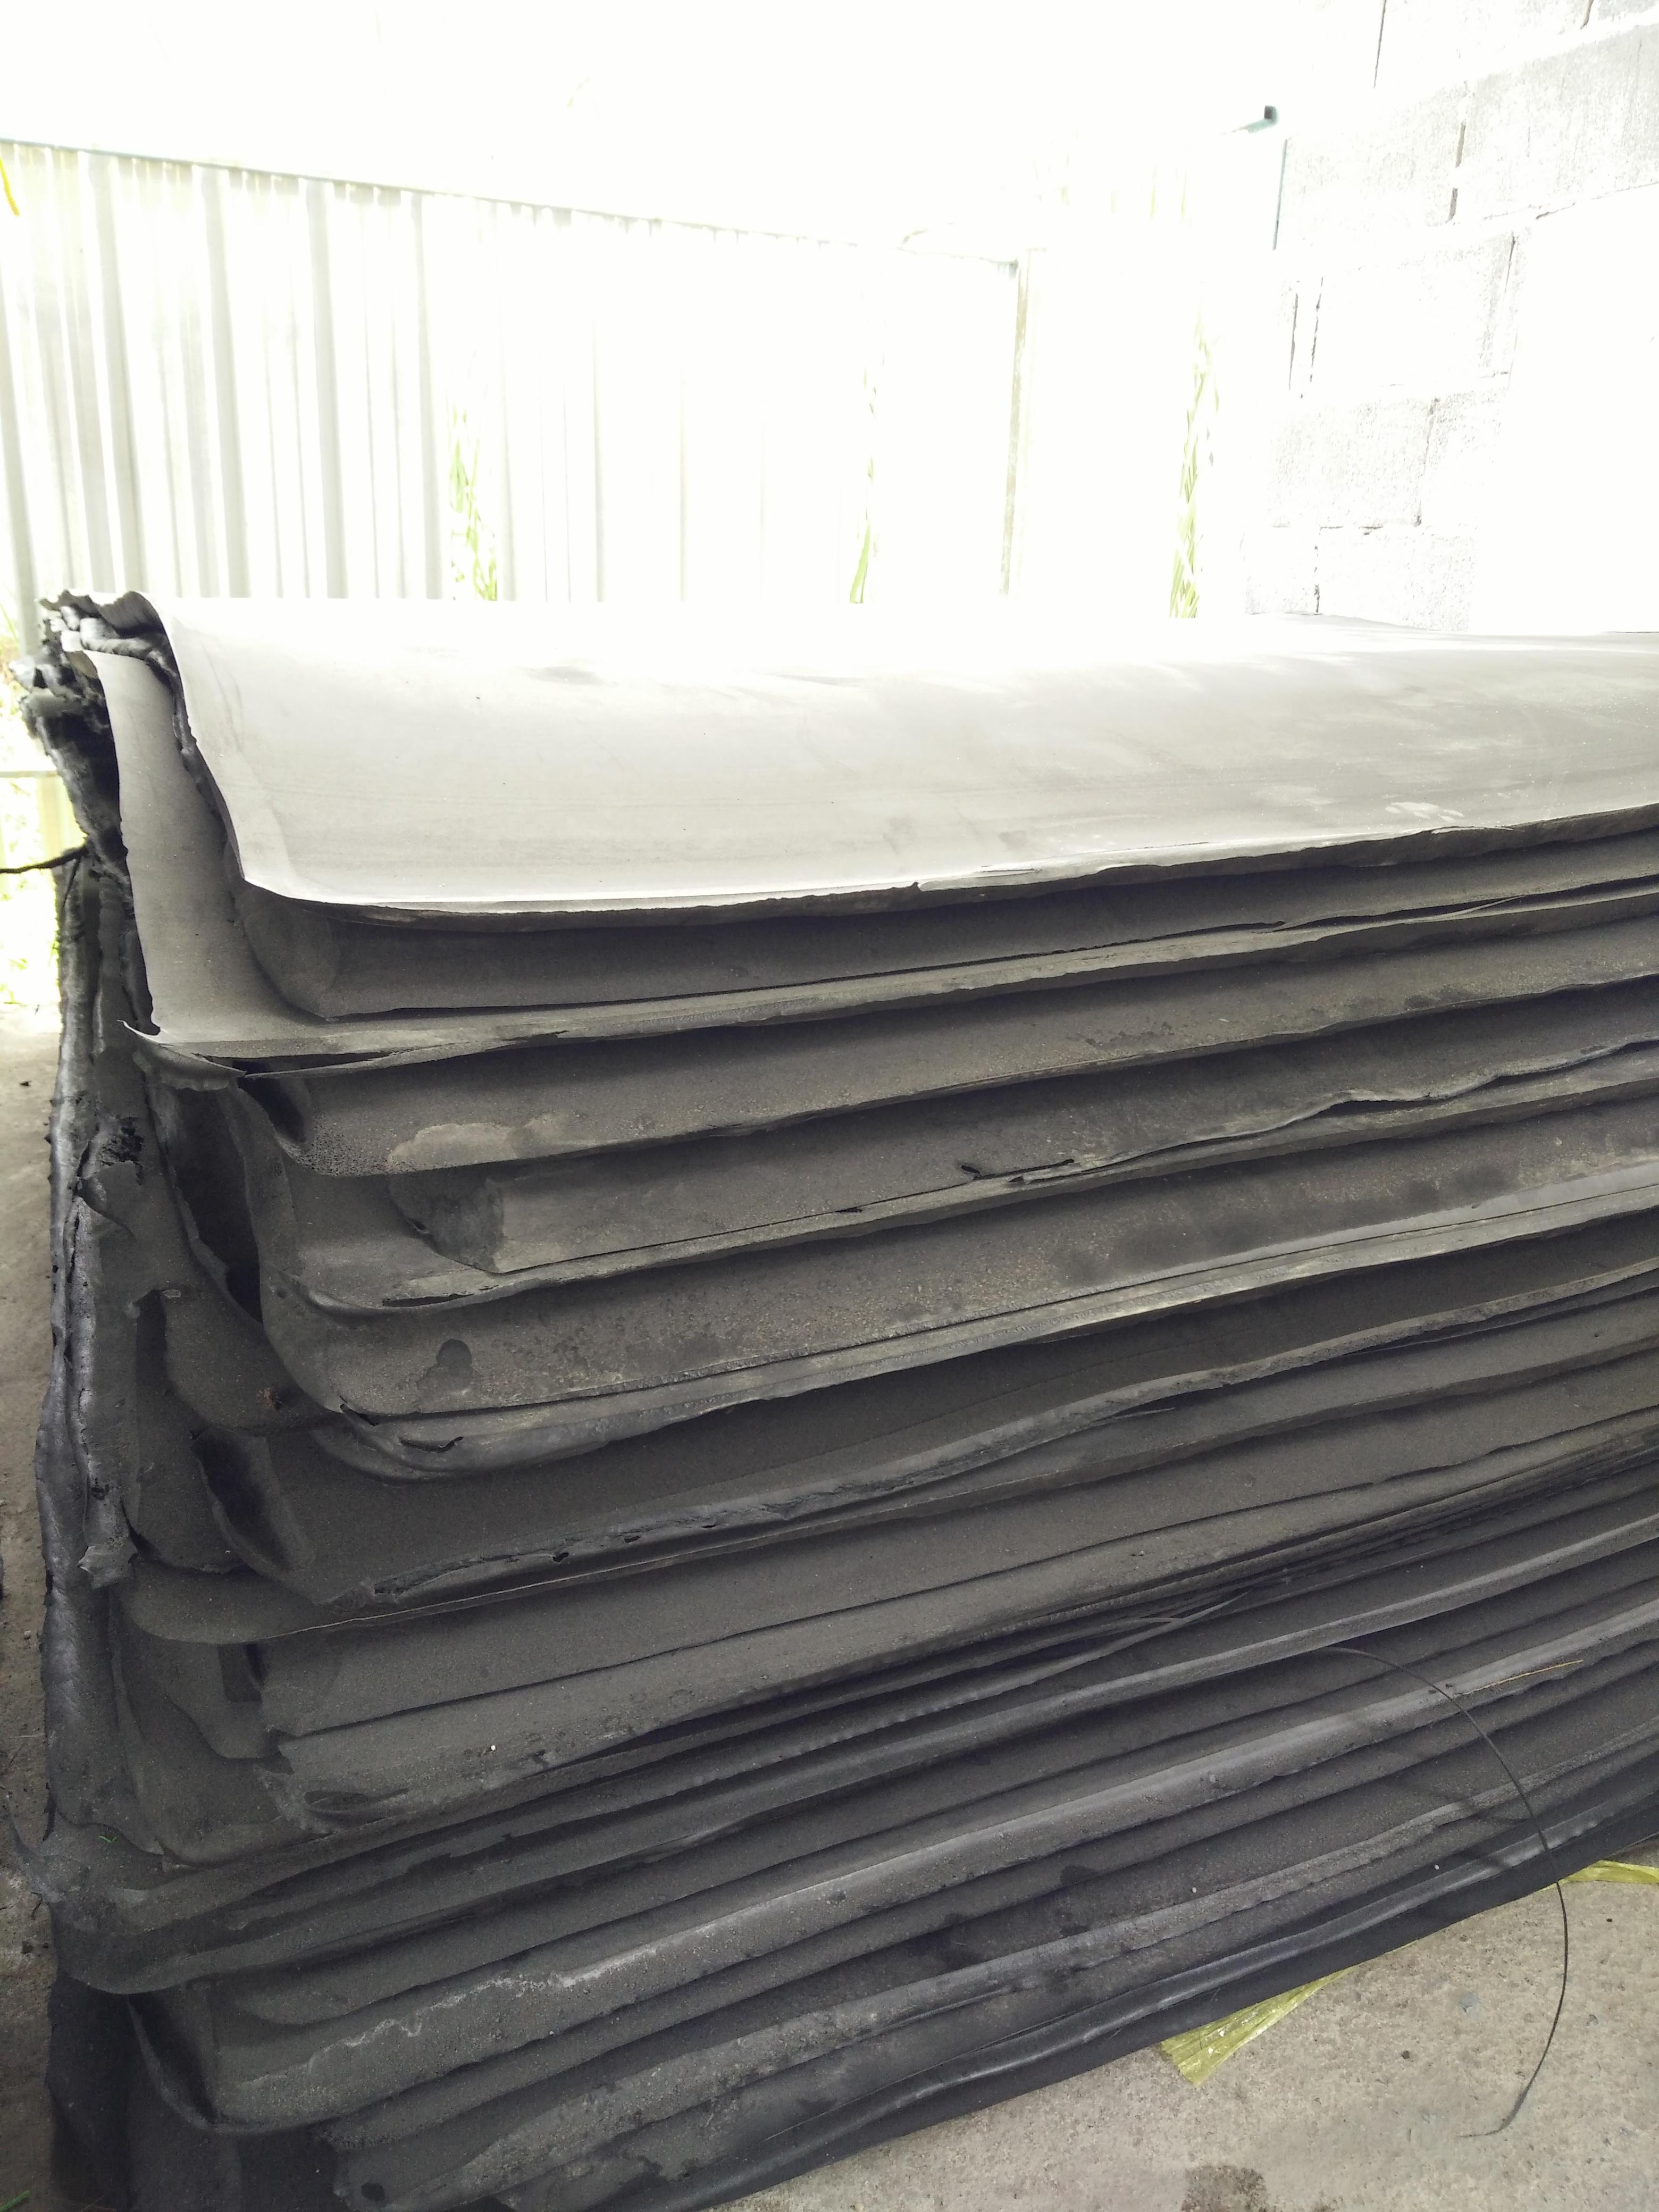 แผ่นยางกันกระแทก ขนาด 140 x 240 ซม.หนา 15 มม.